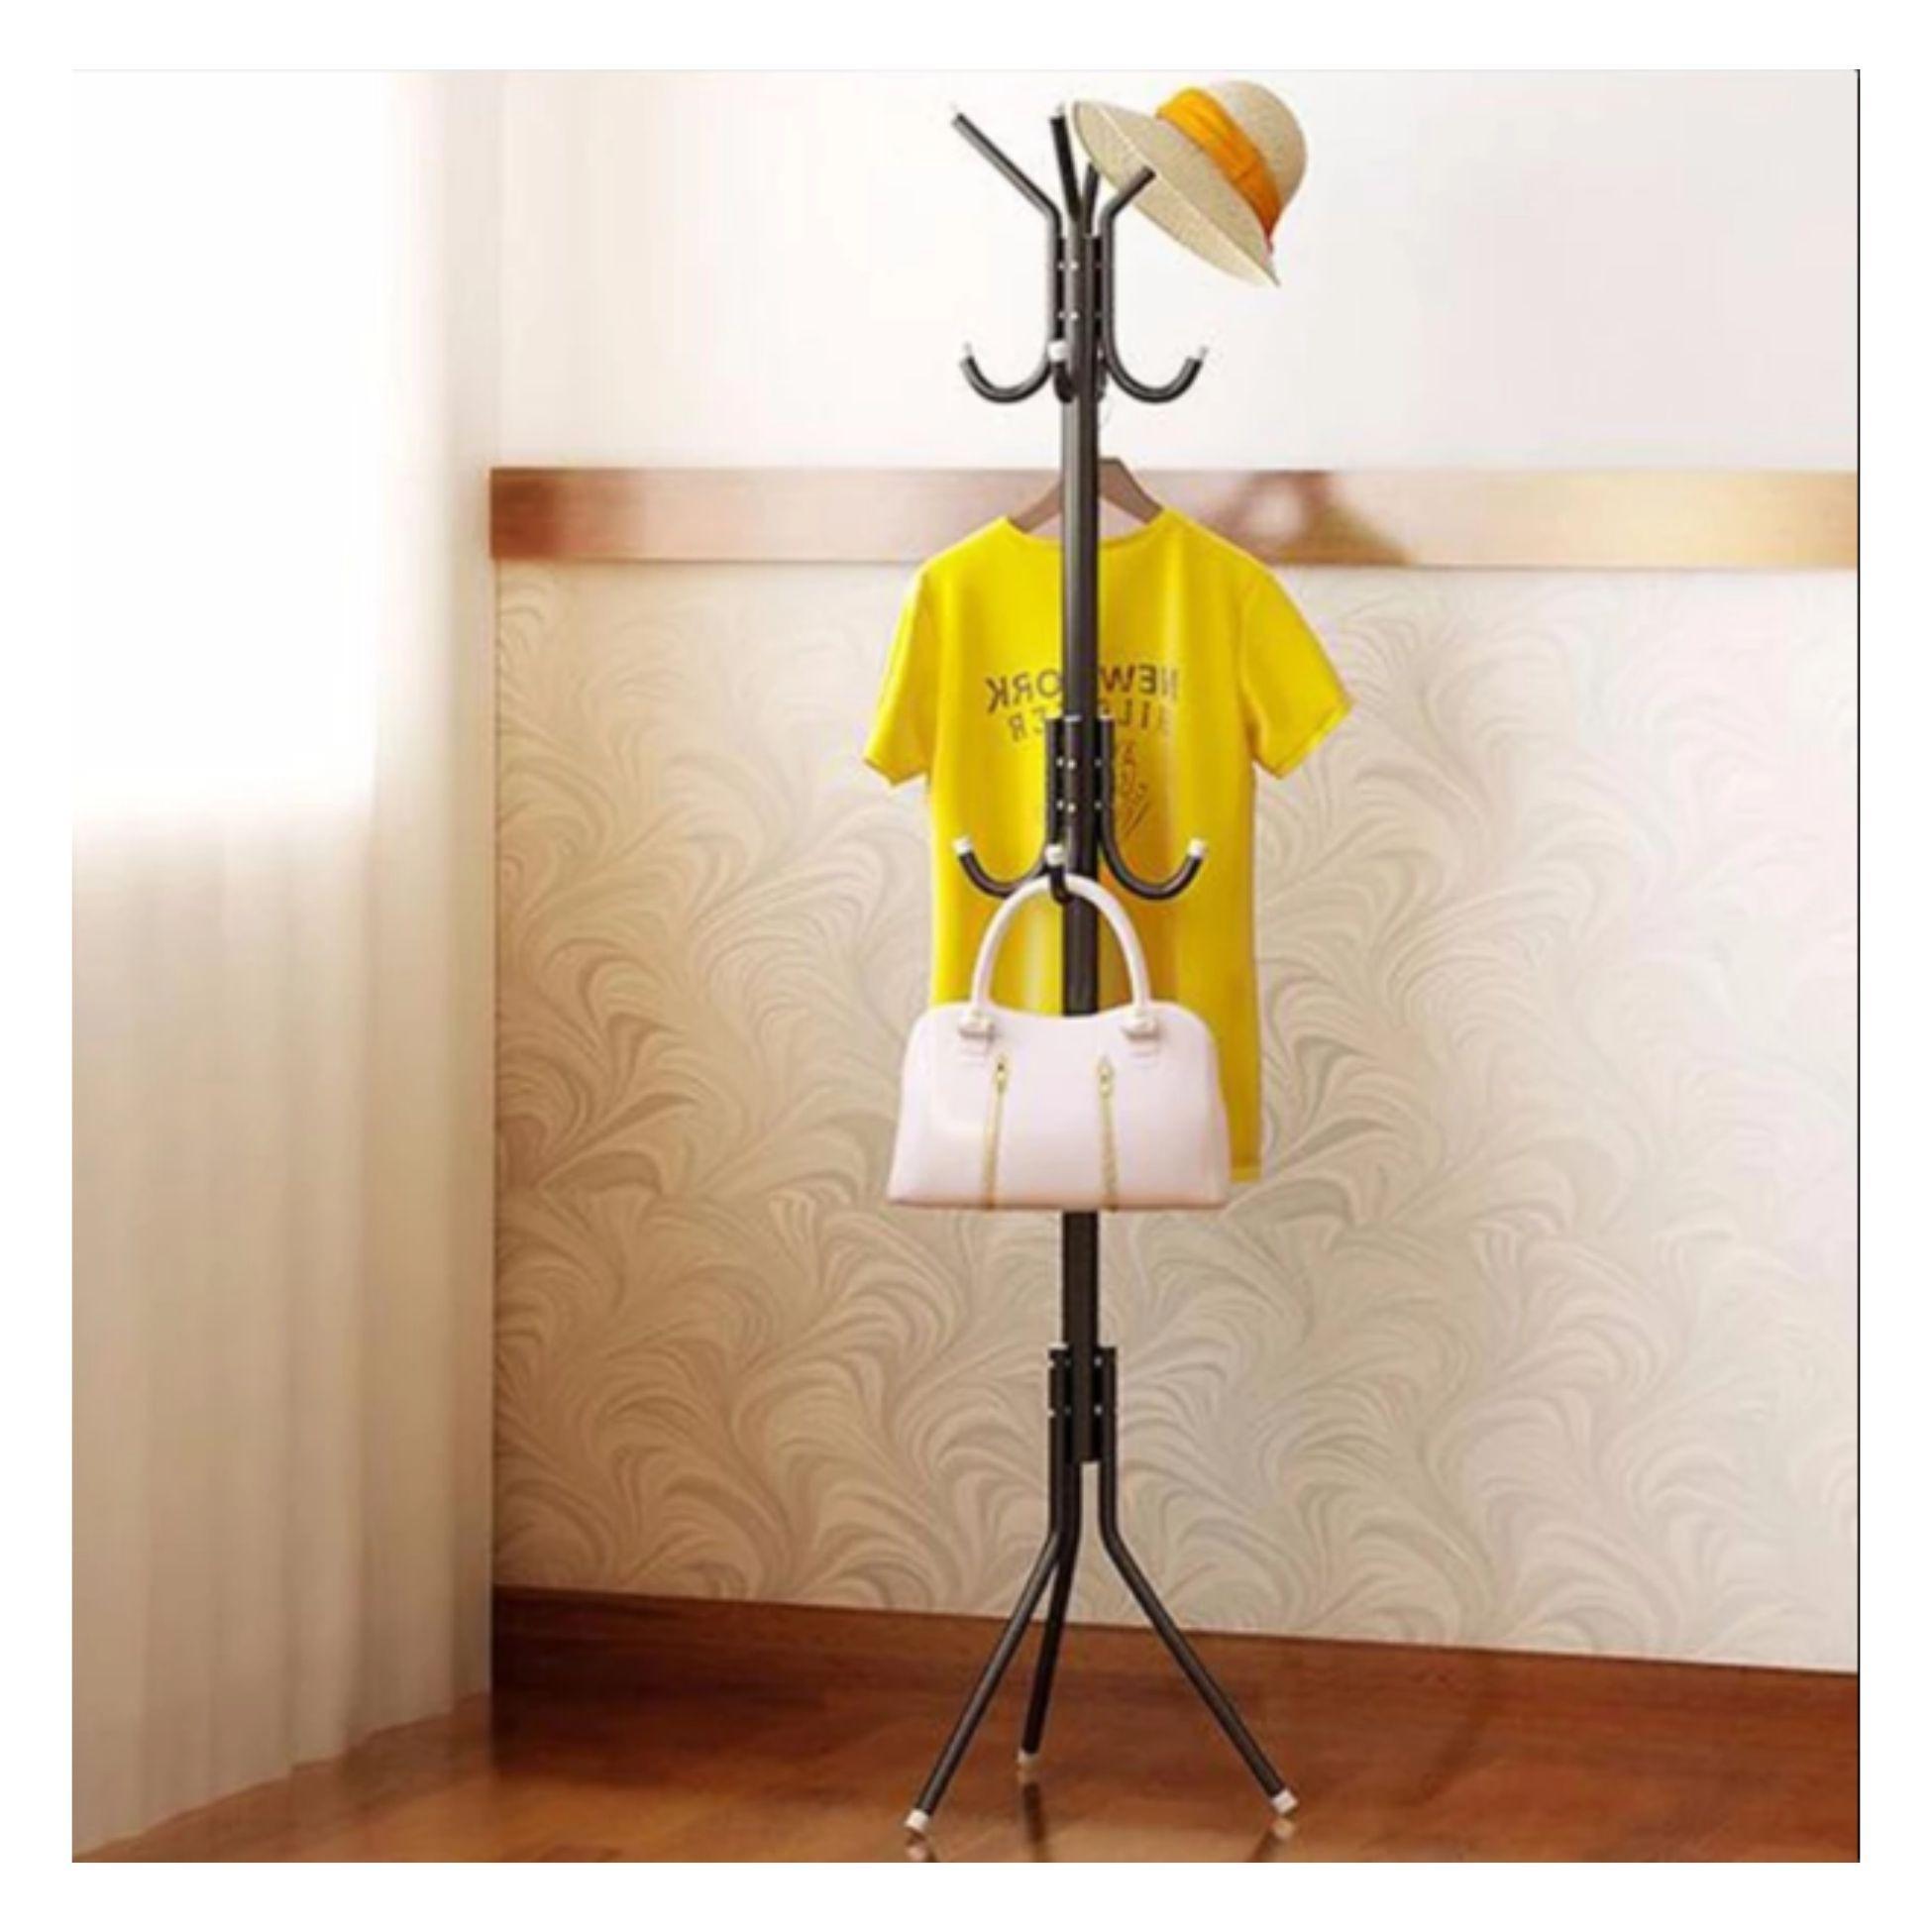 Lanjarjaya Gantungan Baju Standing Hanger / Multifunction Stand Hanger